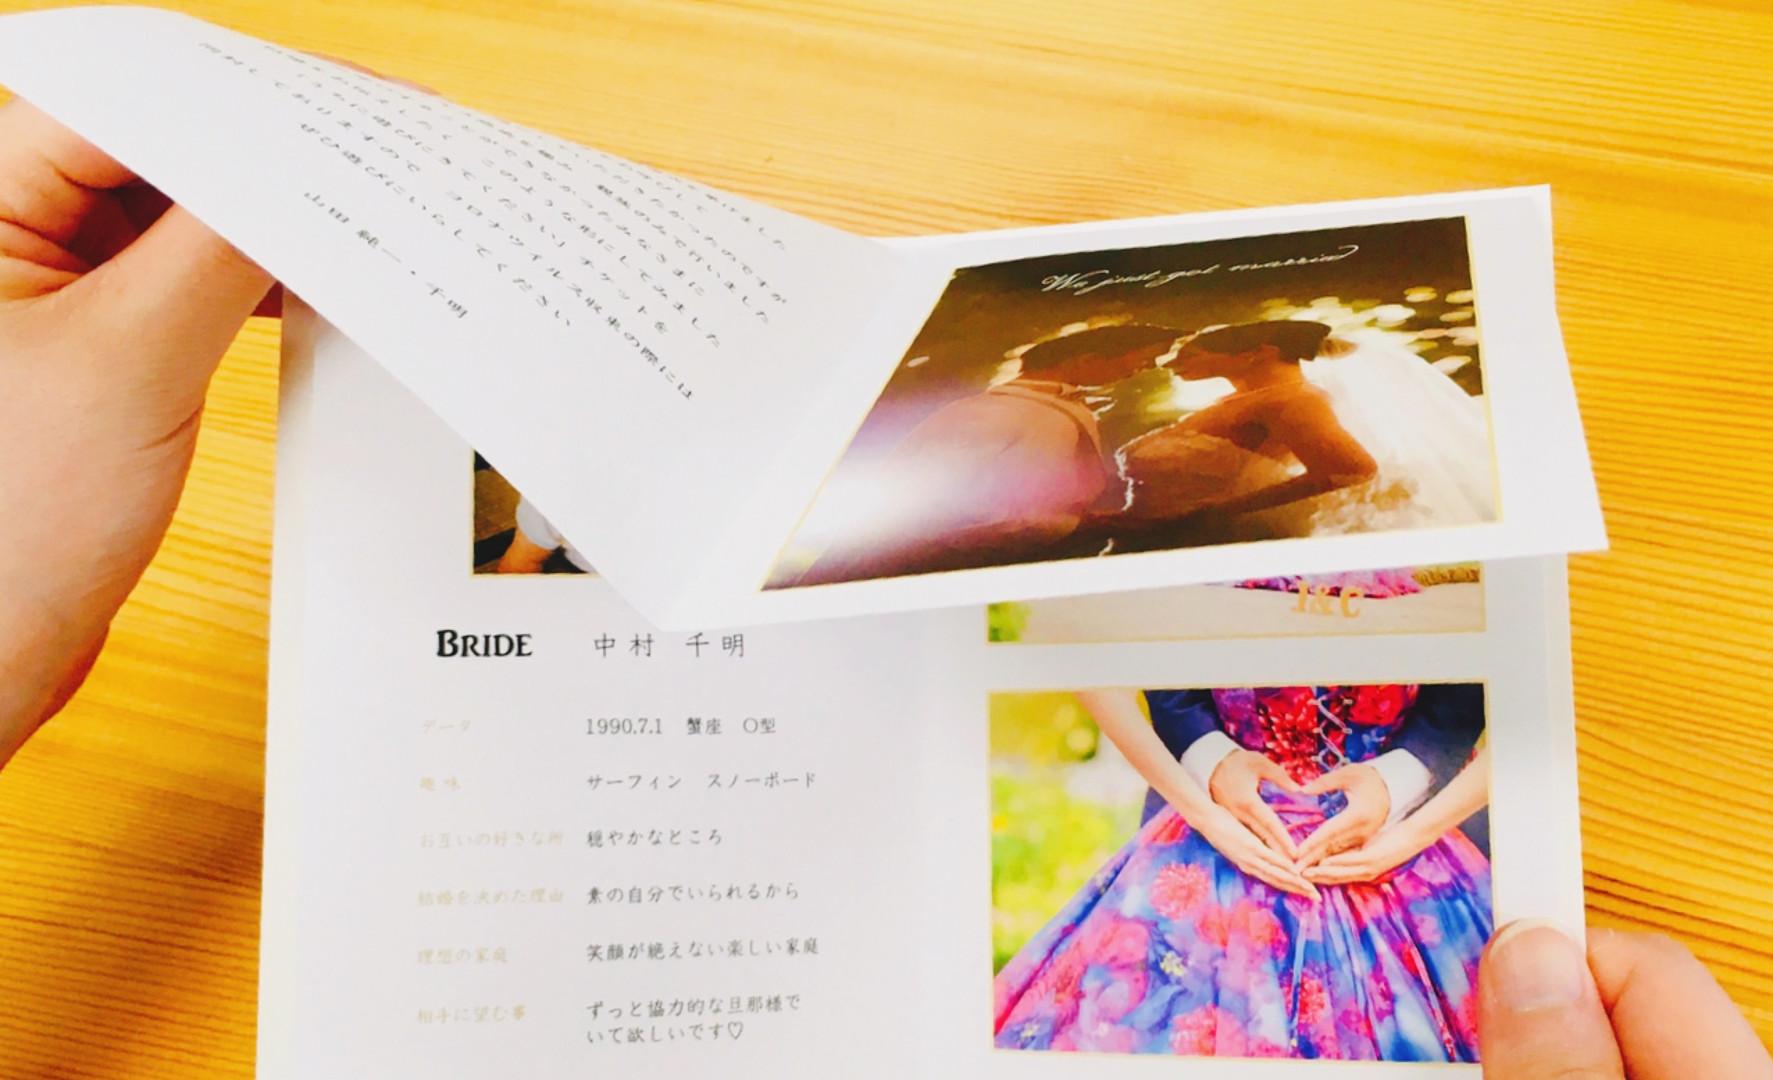 手持ち Just married デザイン6-A-4.jpg